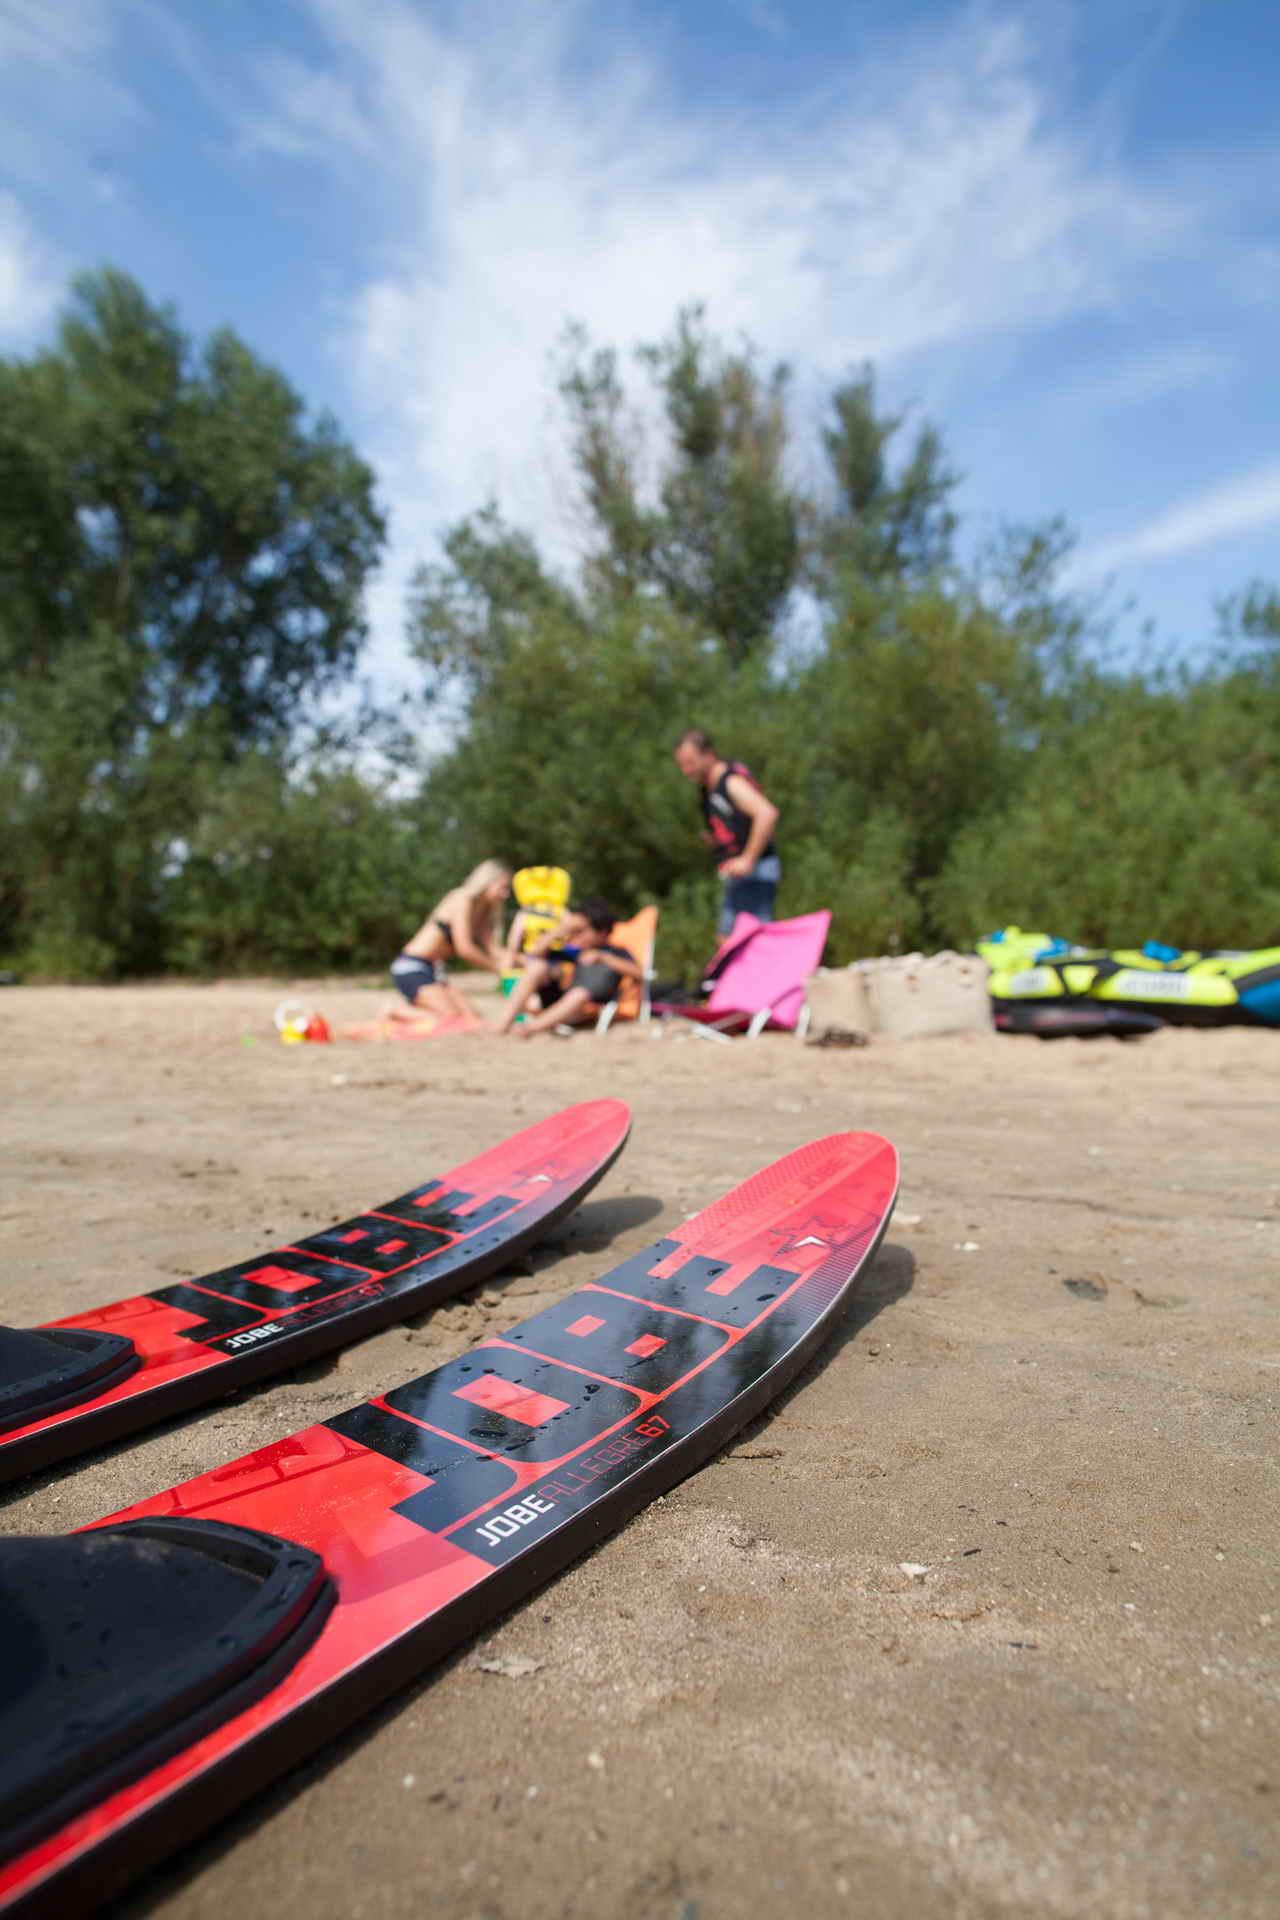 Комплект водных лыж Allegre-Combo-Skis-Black-208815001-1.jpg